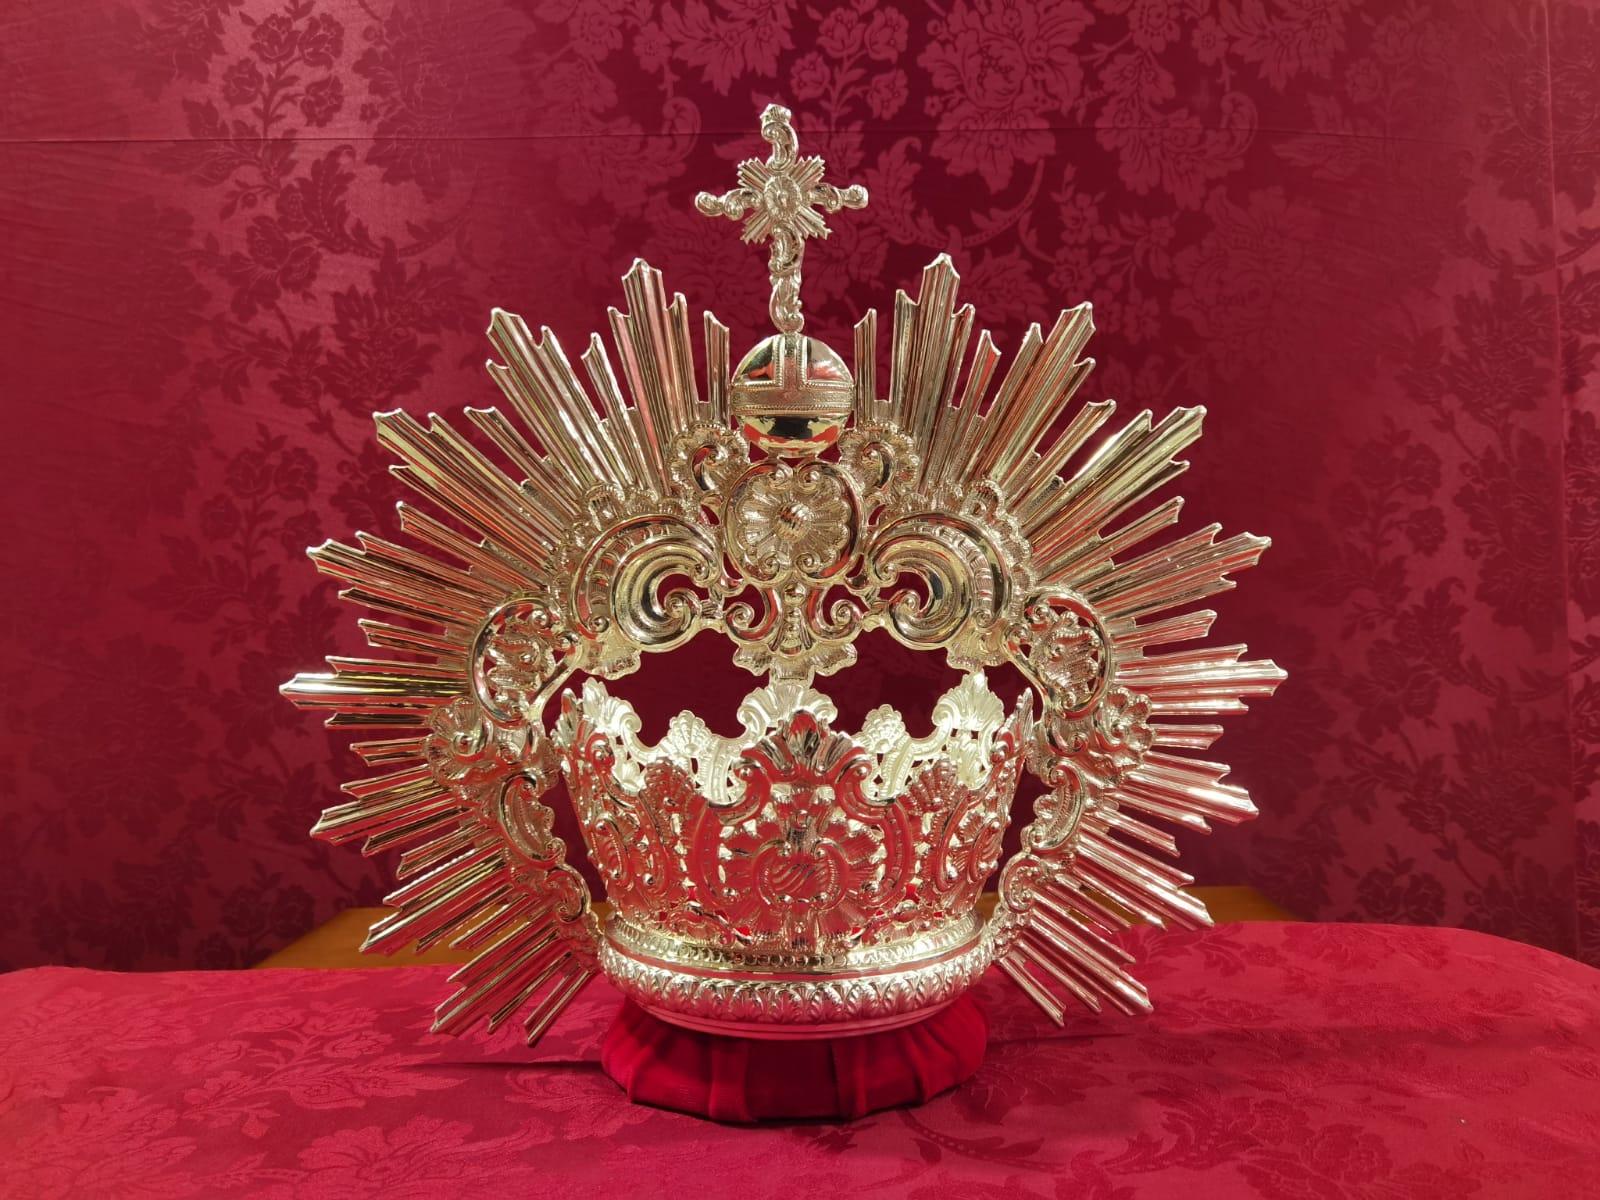 Bendecida una nueva corona para María Stma. de la Palma, Reina de los Mártires.